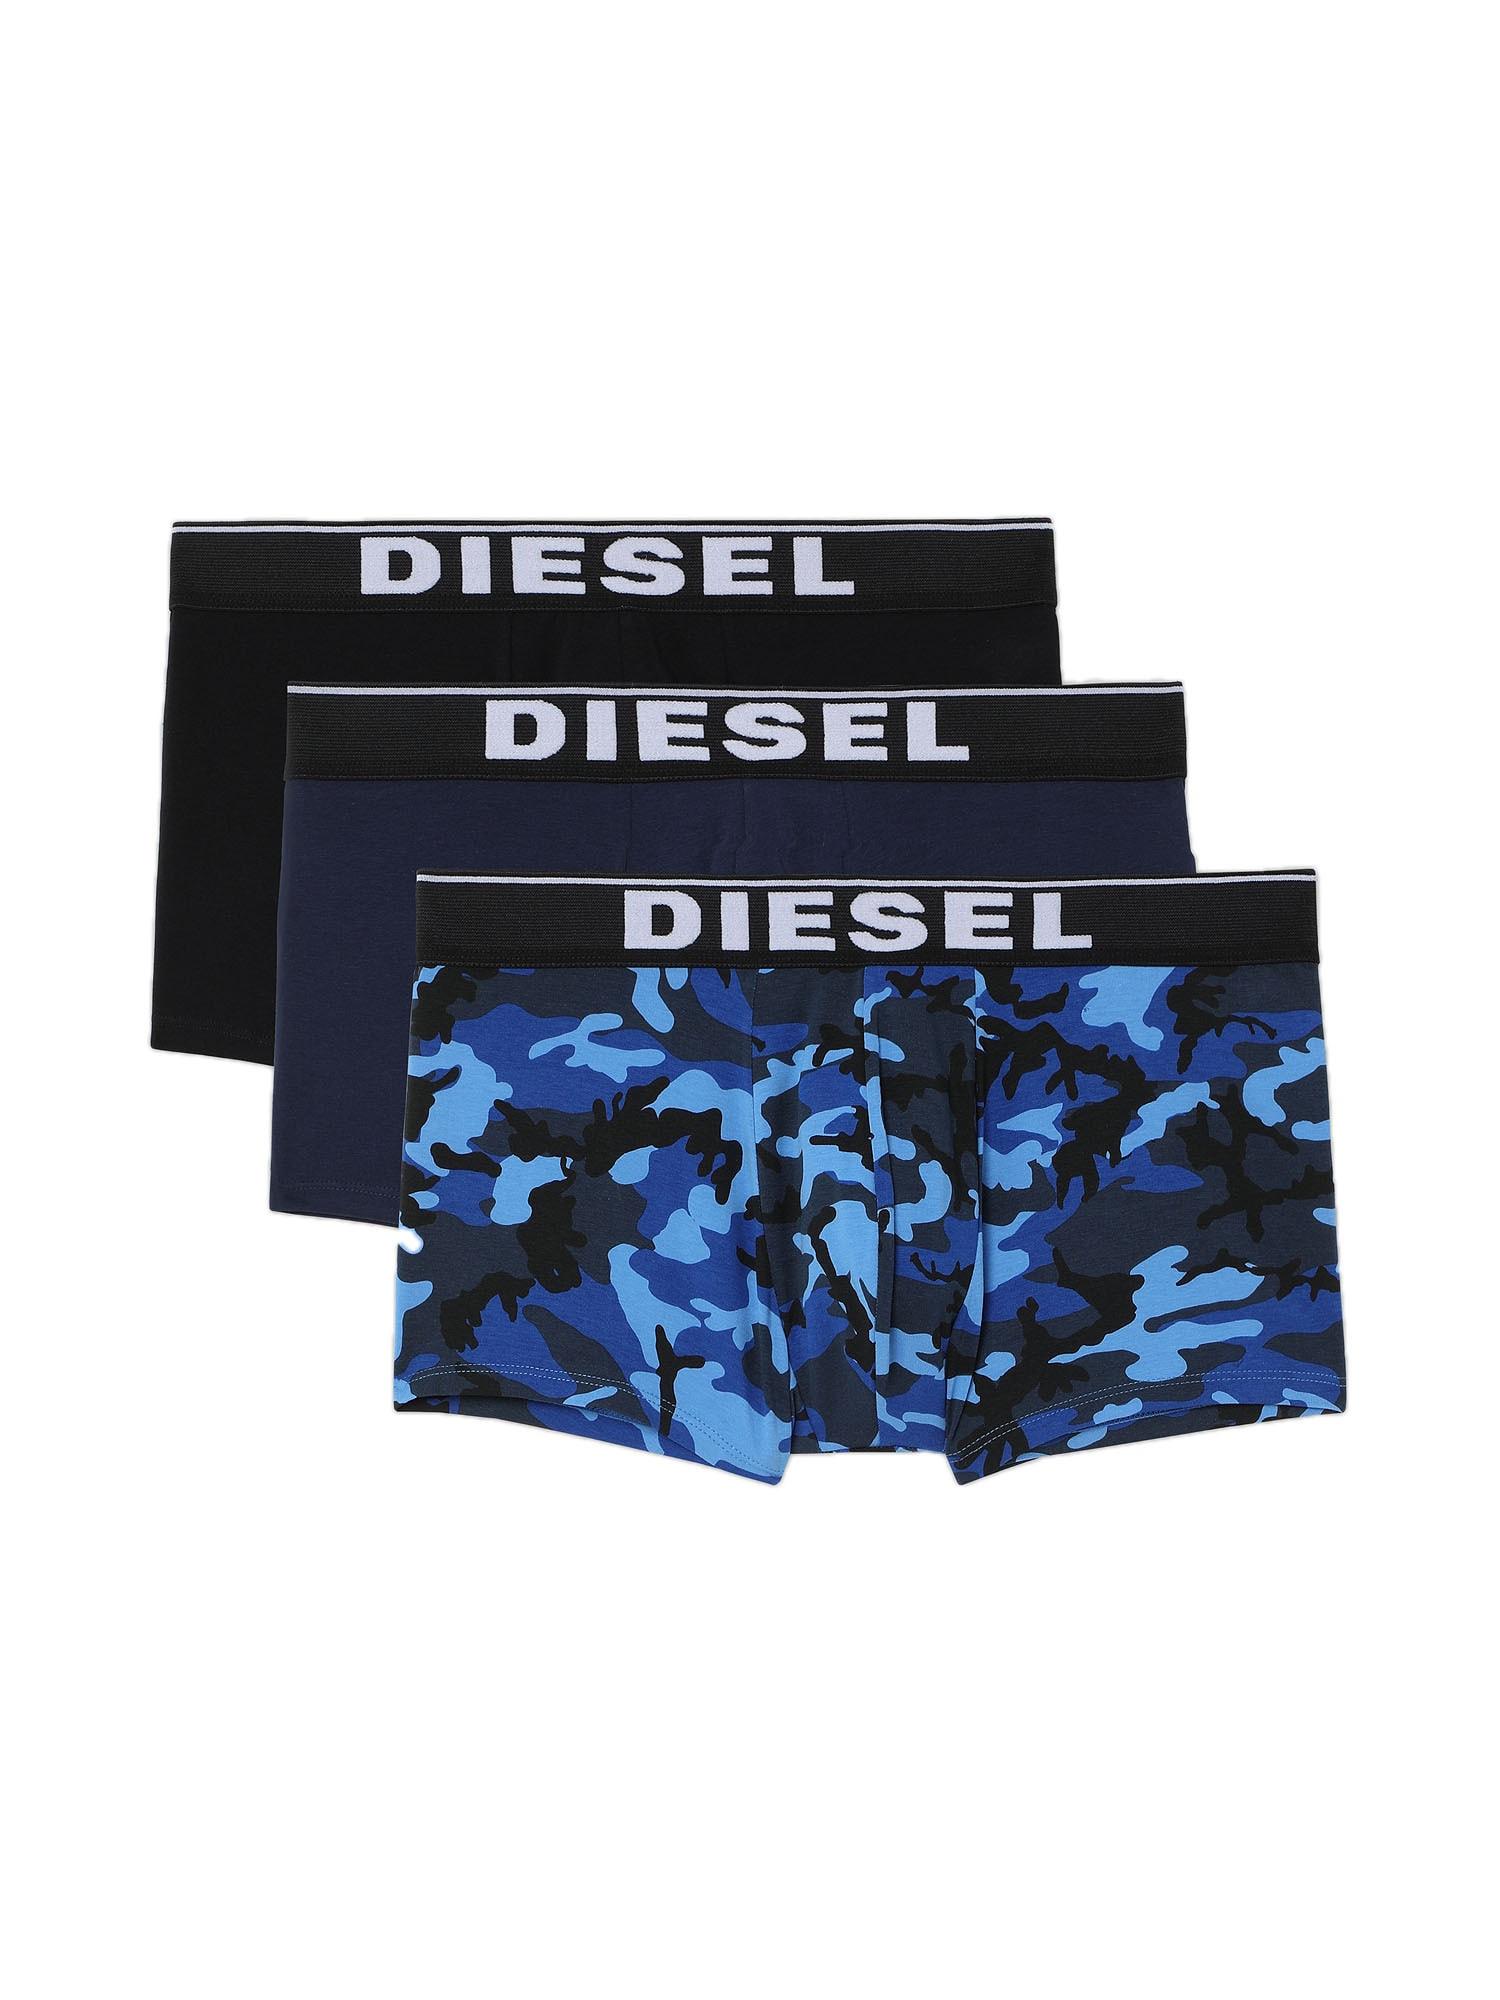 DIESEL Boxer trumpikės tamsiai mėlyna / juoda / dangaus žydra / bazalto pilka / balta